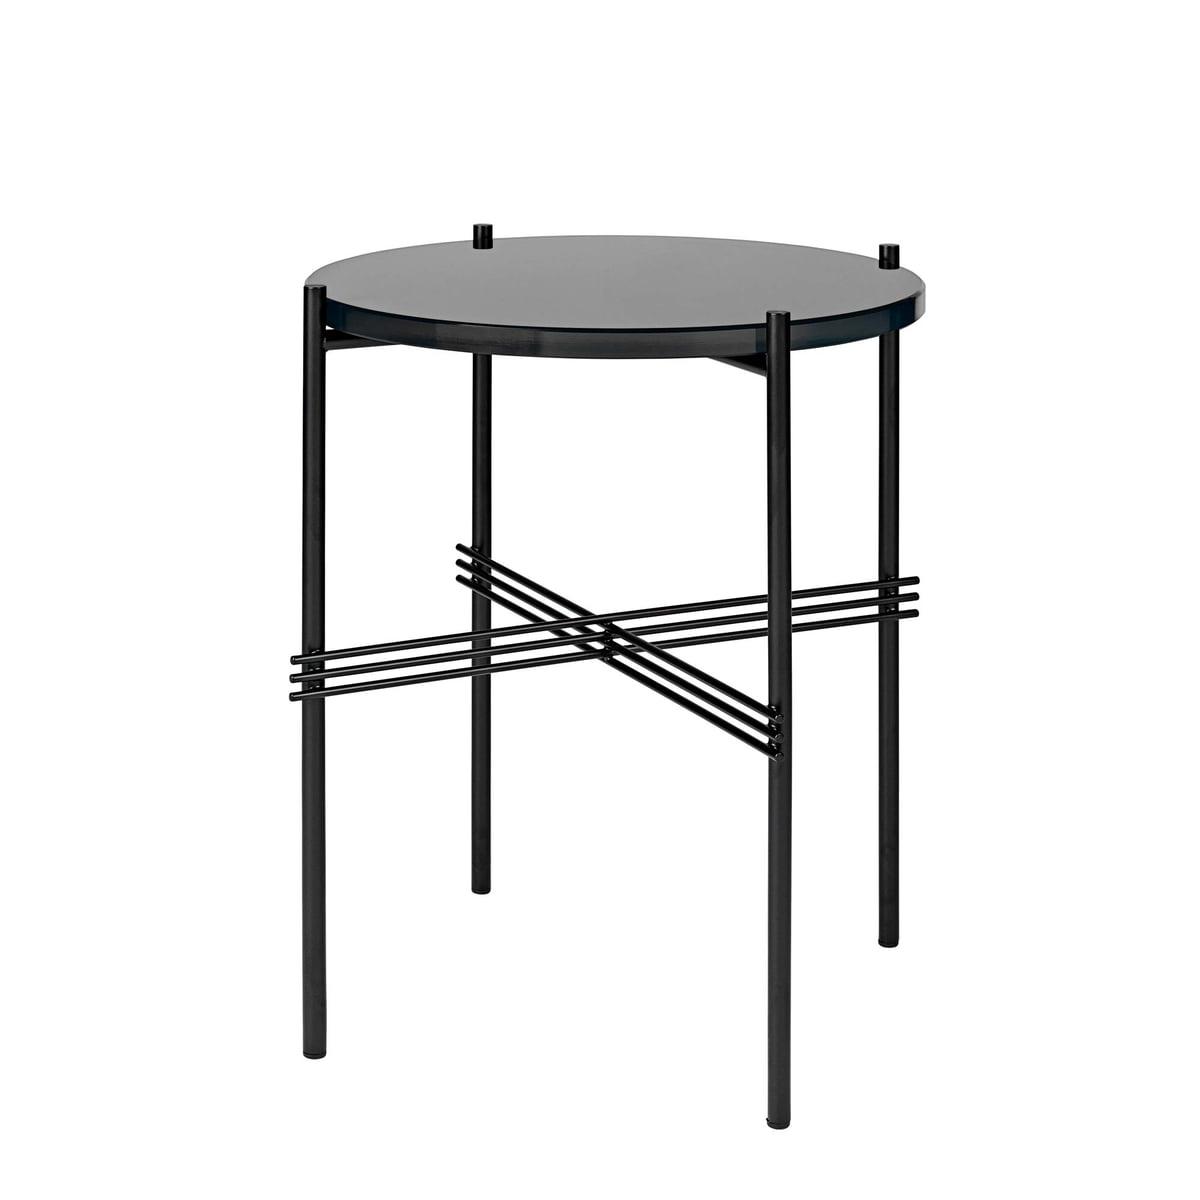 couchtisch glas schwarz salontisch couchtisch tv mbel. Black Bedroom Furniture Sets. Home Design Ideas